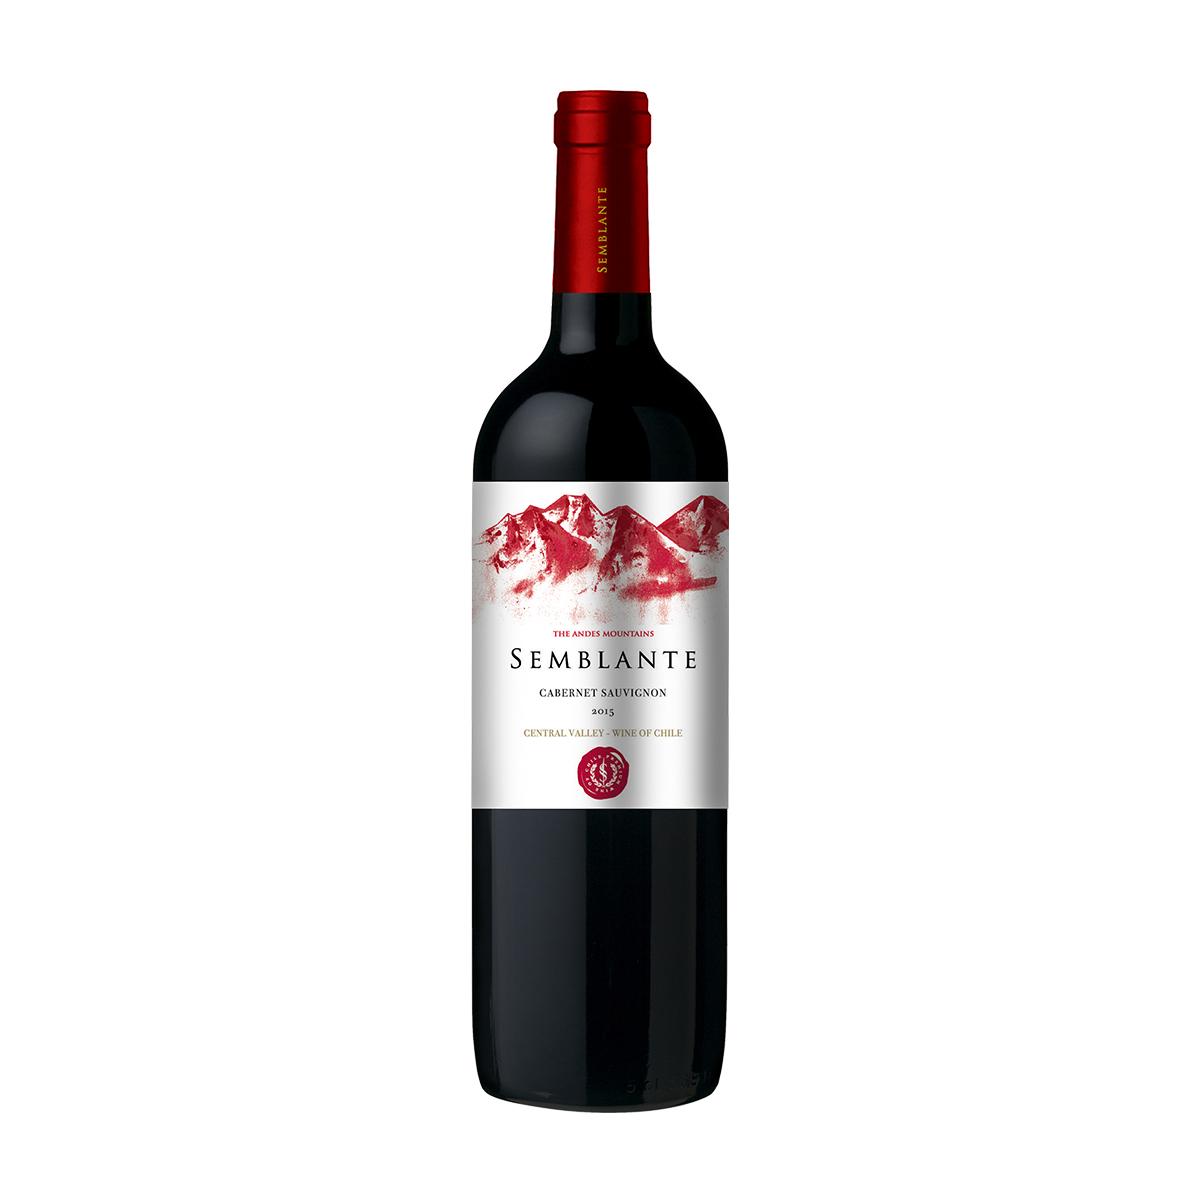 智利中央山谷西格尔酒庄风彩系列赤霞珠干红葡萄酒